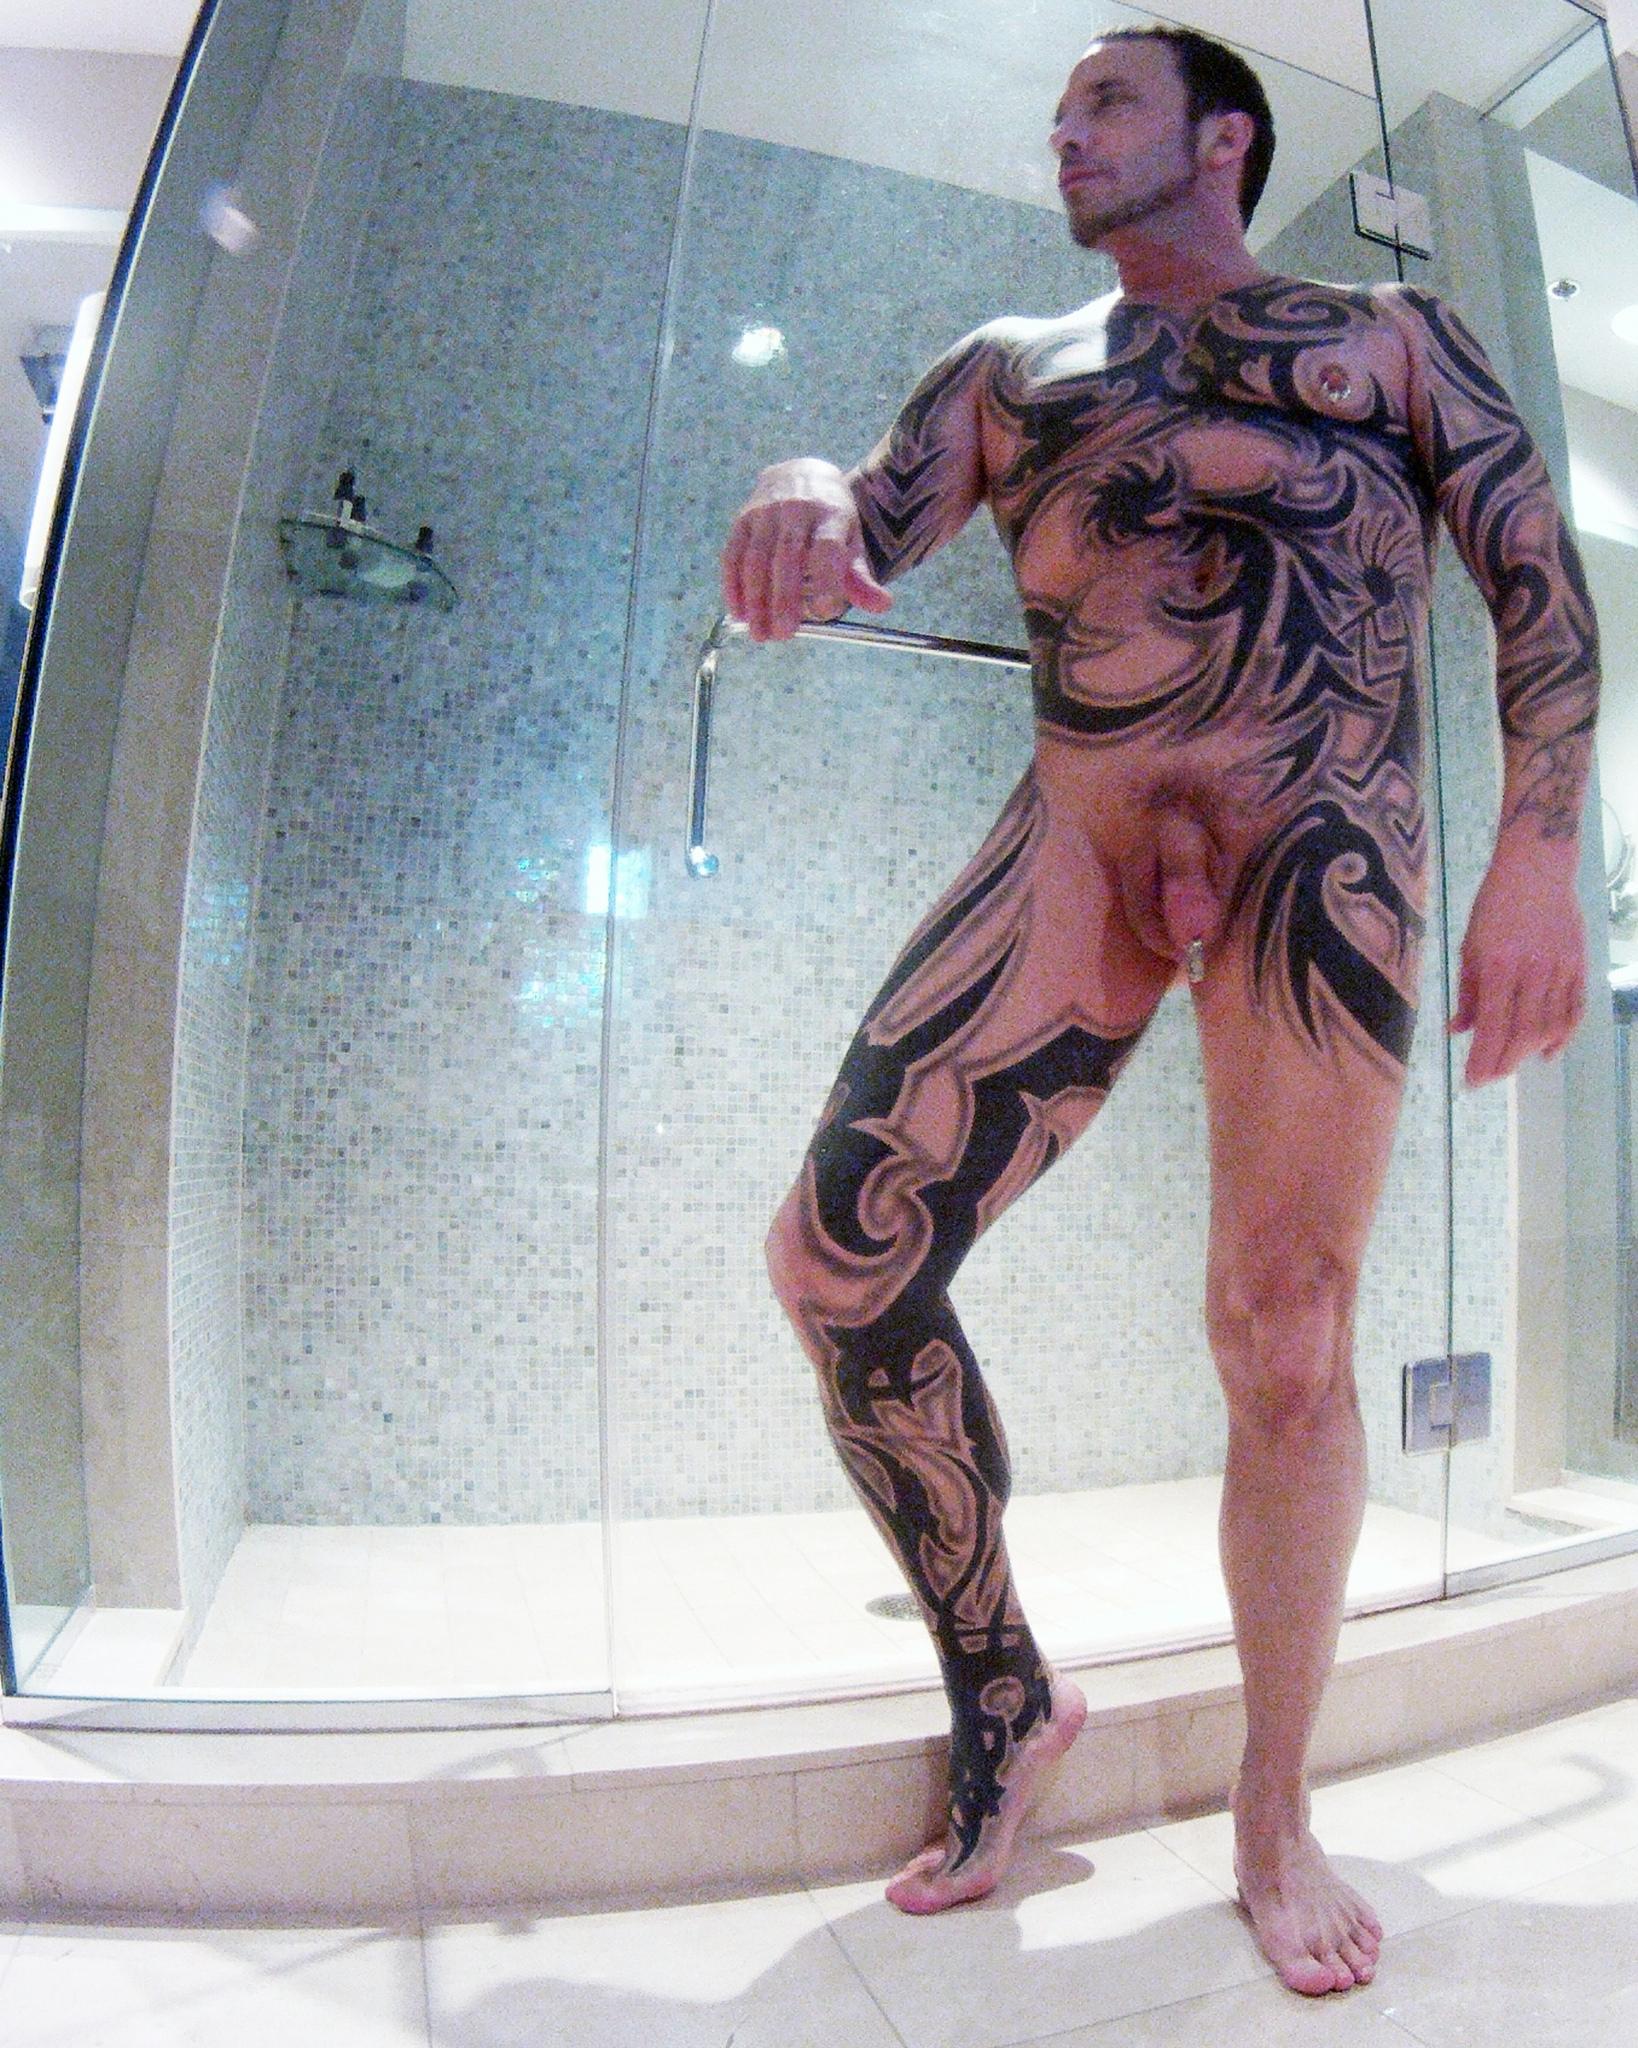 Colorado springs nude personals